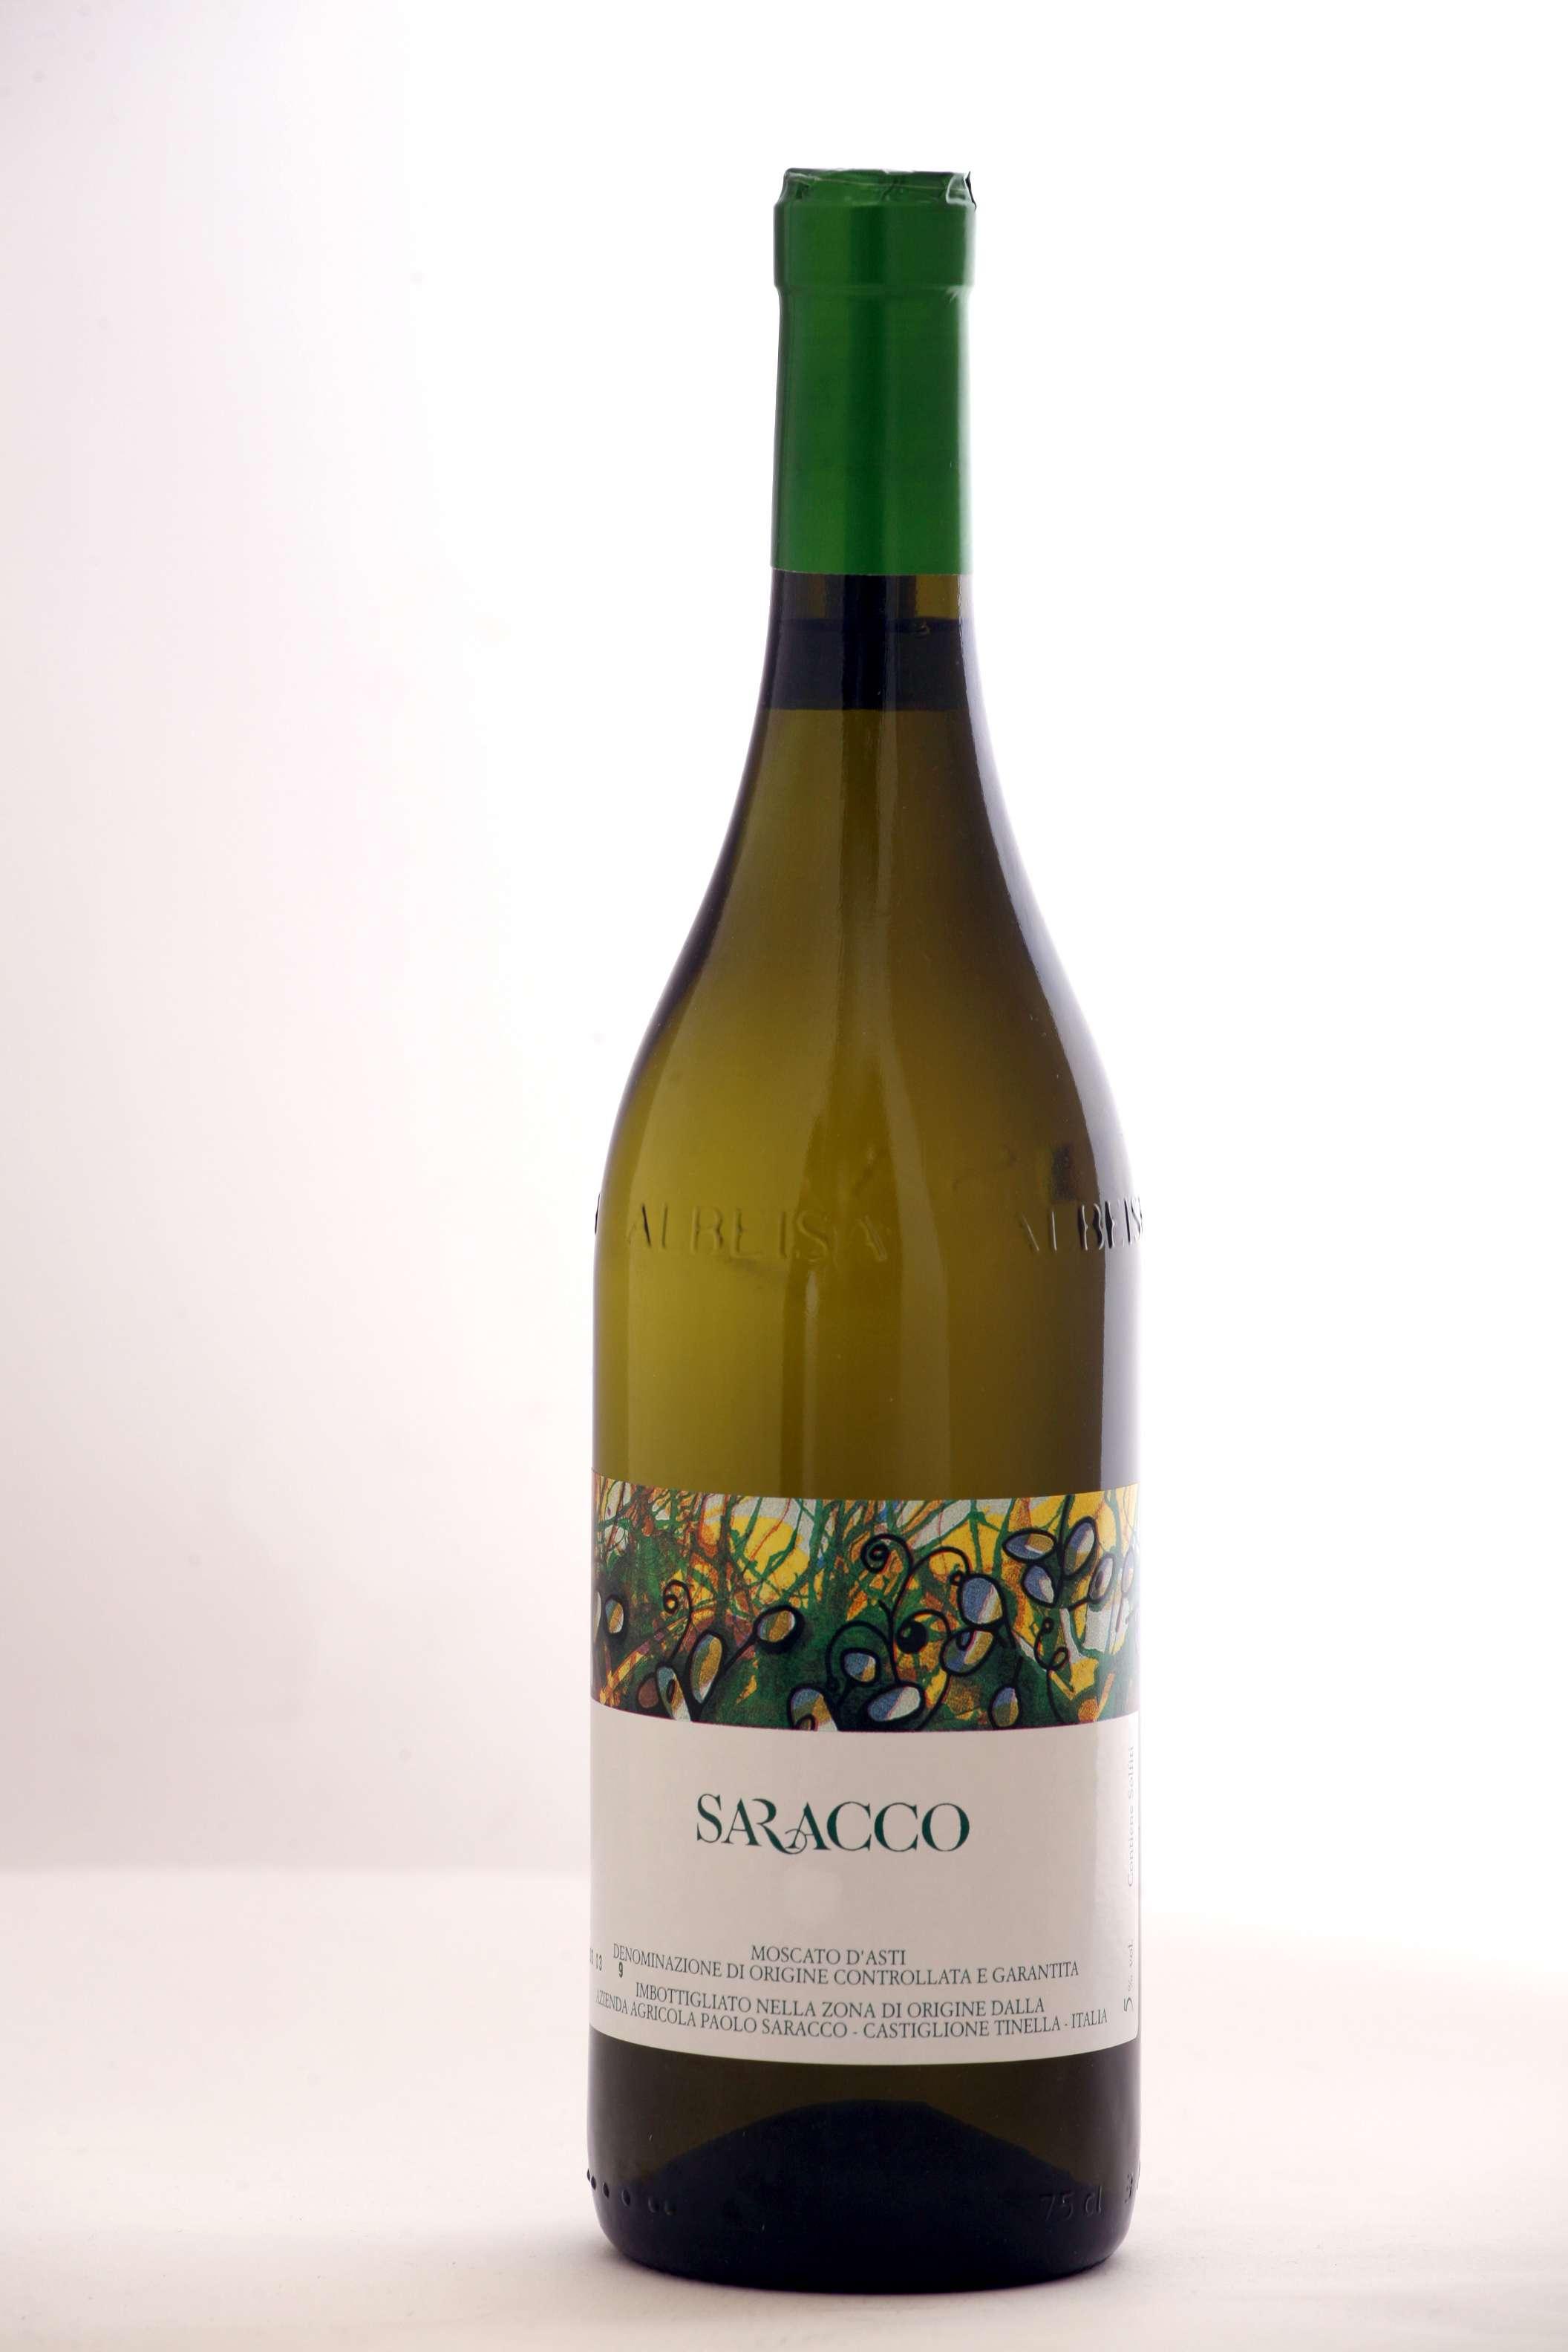 Saracco Moscato d'Asti 2014